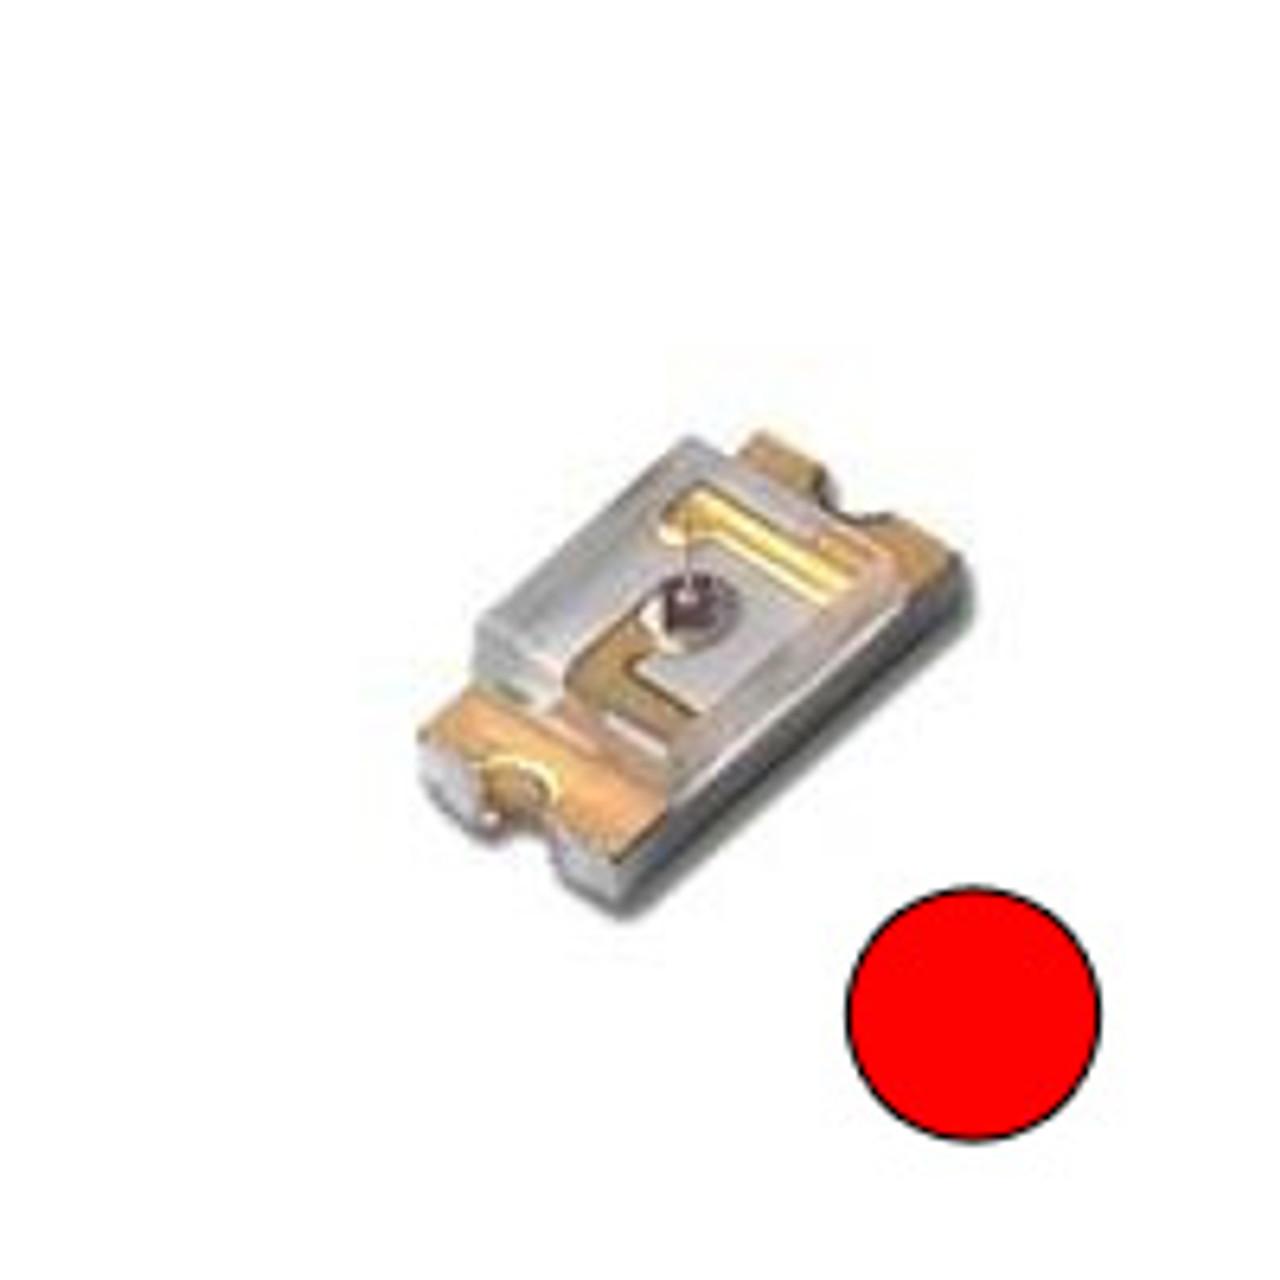 0805 LED - Red